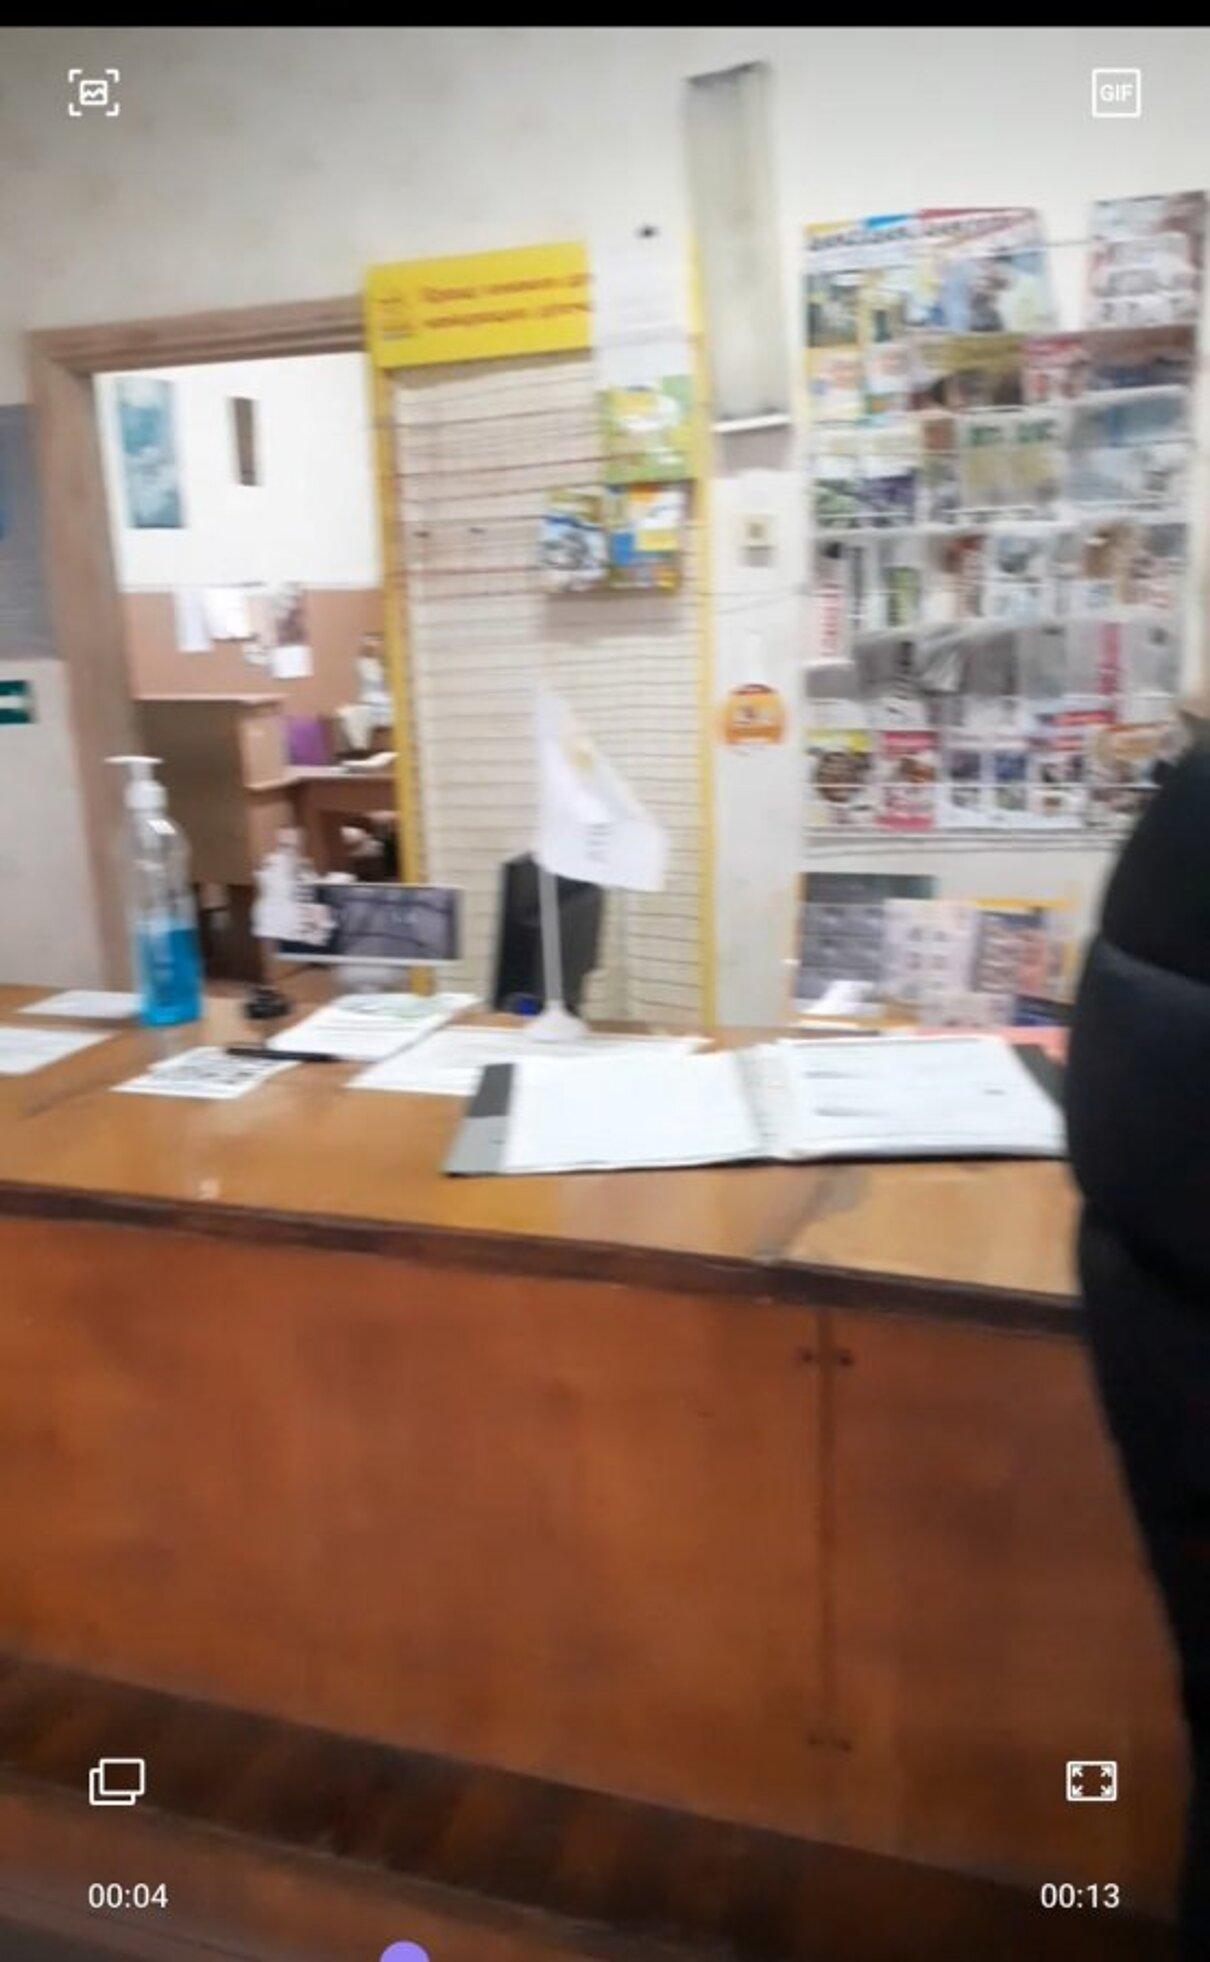 Жалоба-отзыв: Укрпочта, м-н 1, г. Лозовая - Один сотрудник лишь.  Фото №2